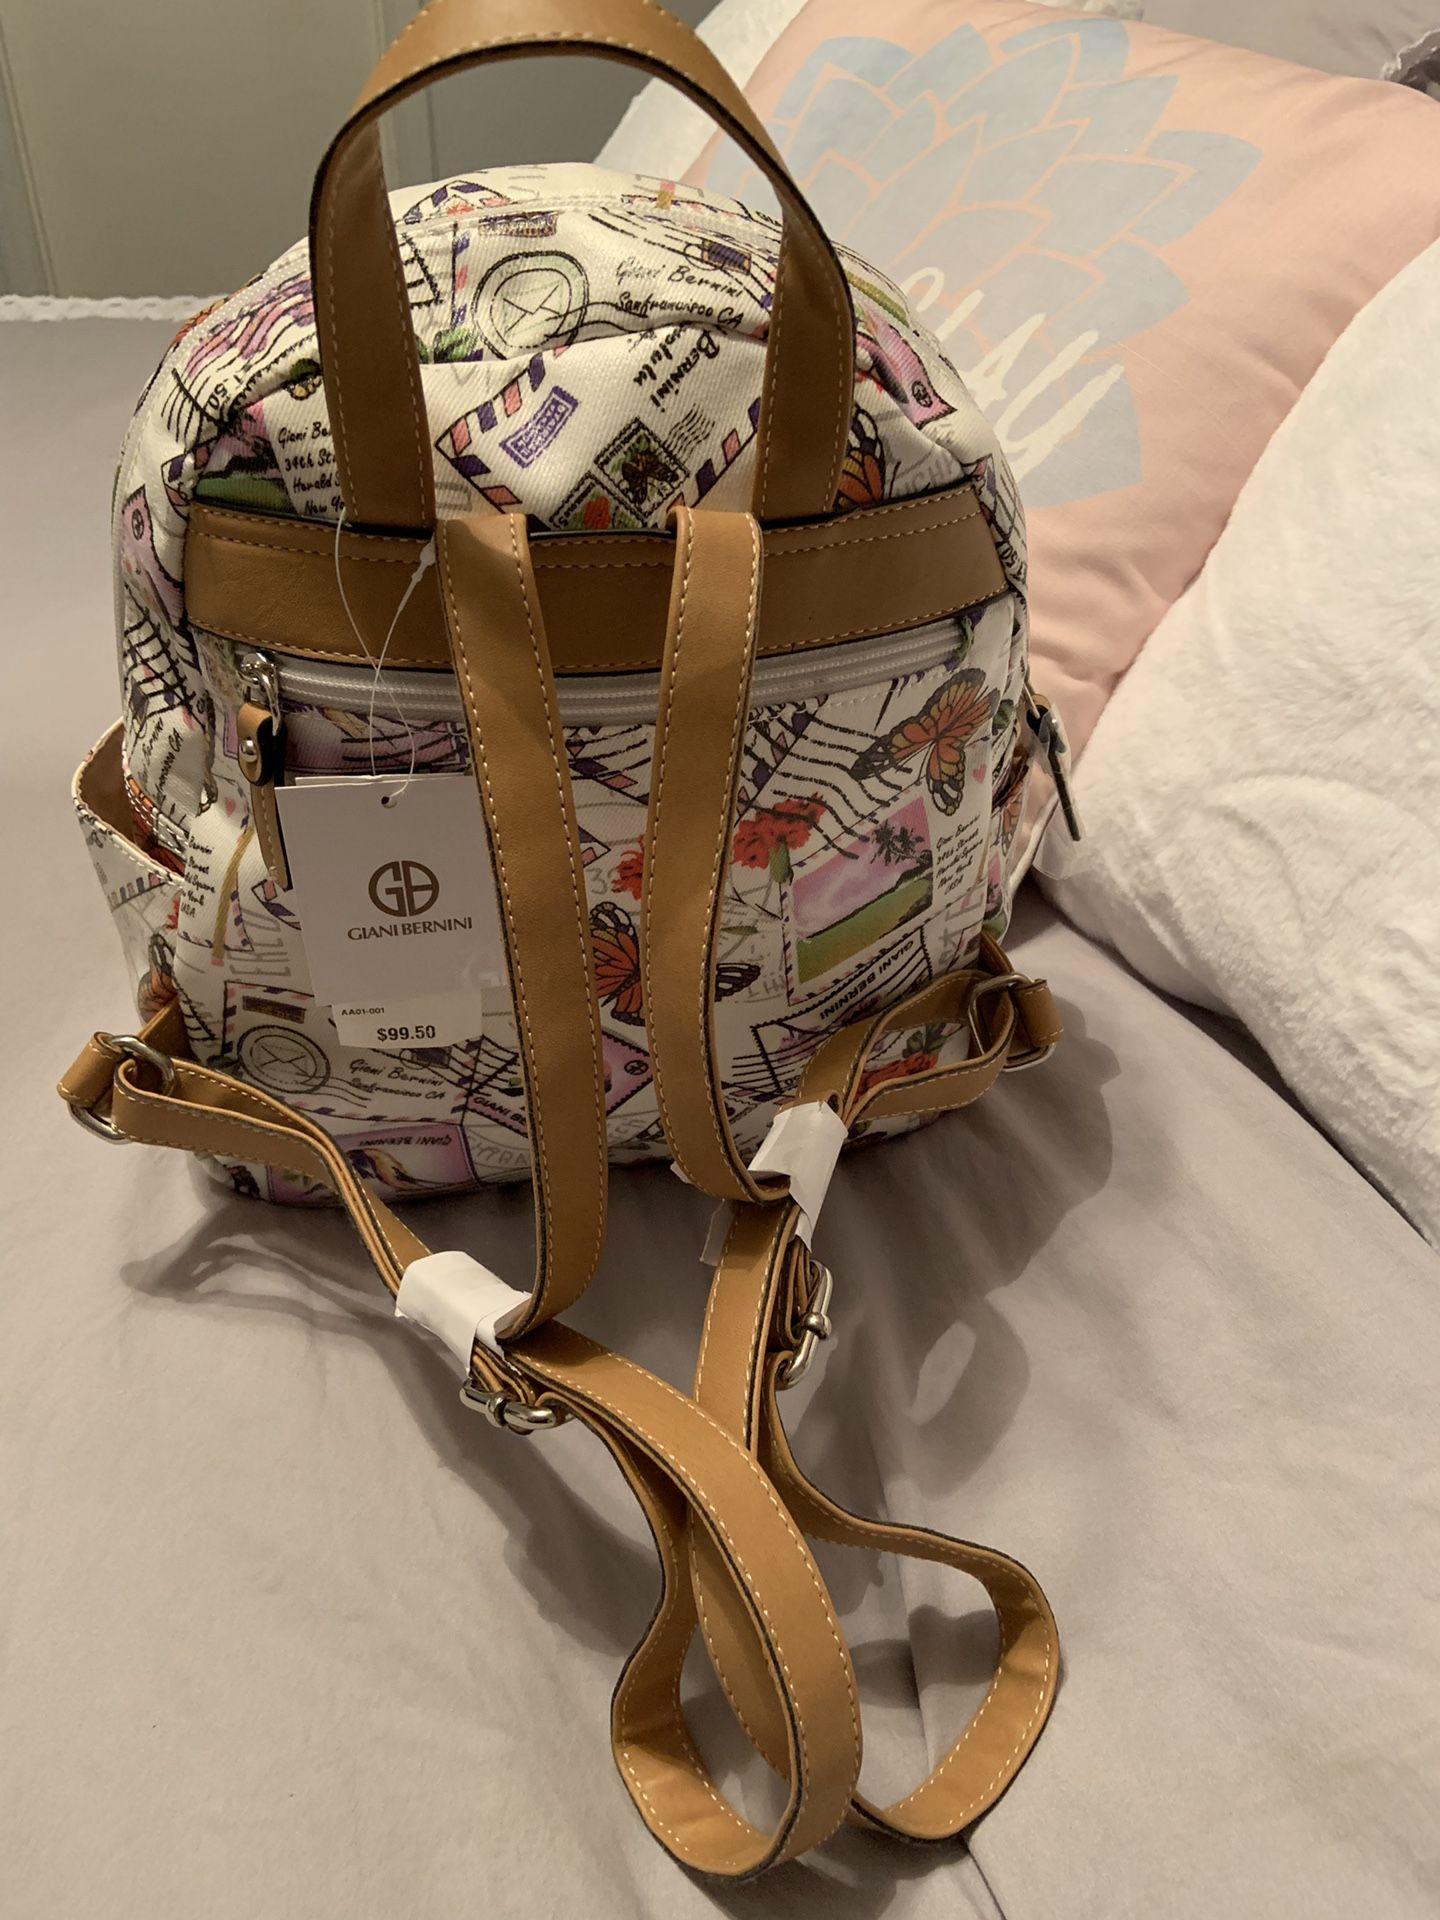 New Giani Bernini Canvas Postcard Backpack